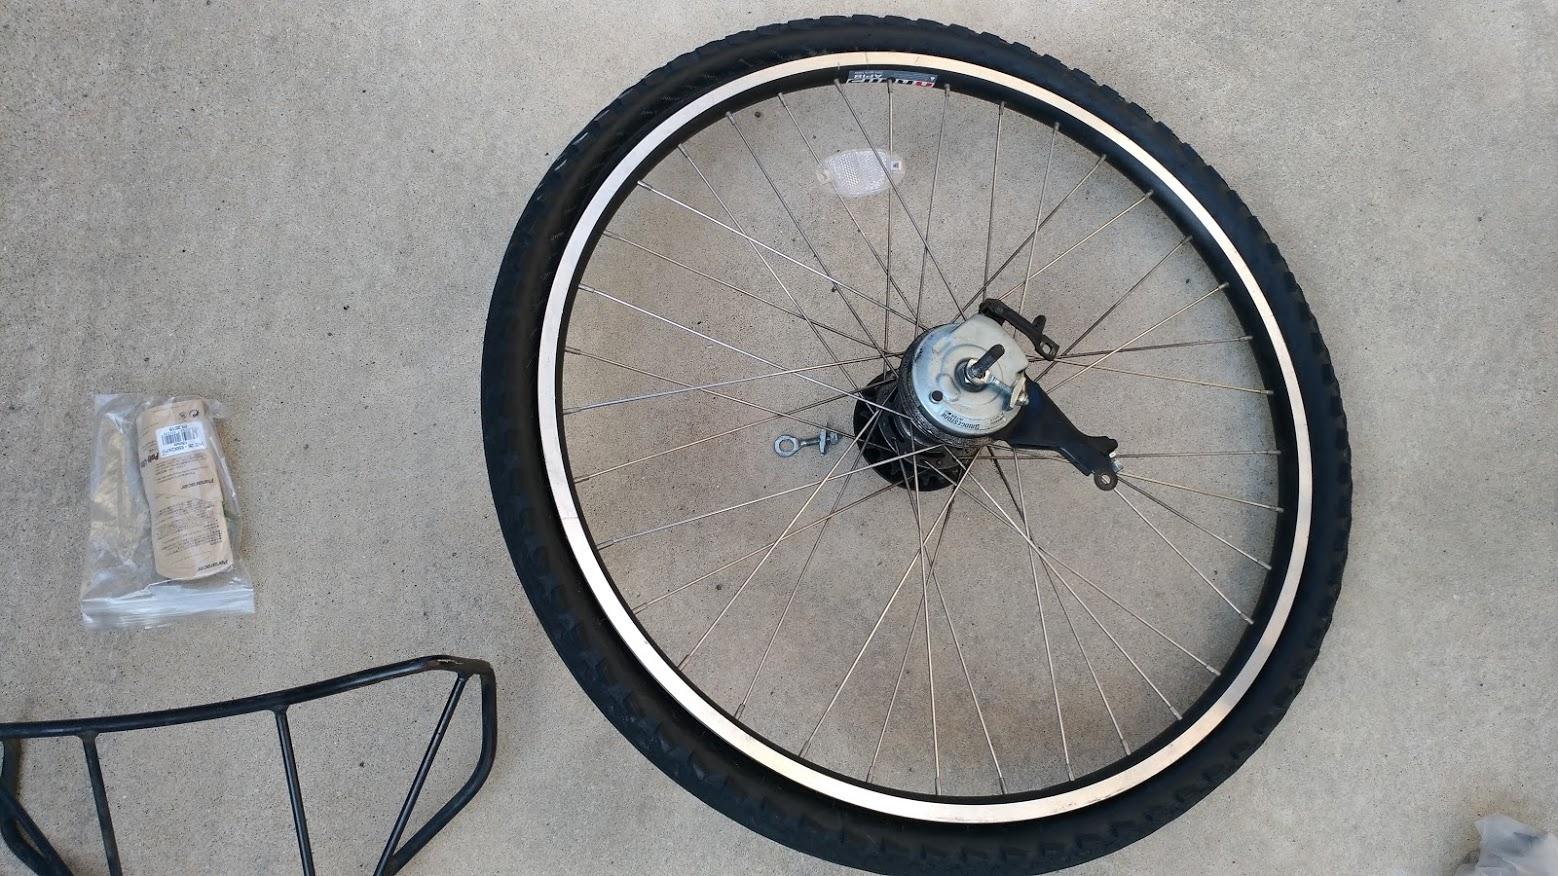 ブリヂストン hydee2 子供電動自転車 パンク タイヤ交換 -6-